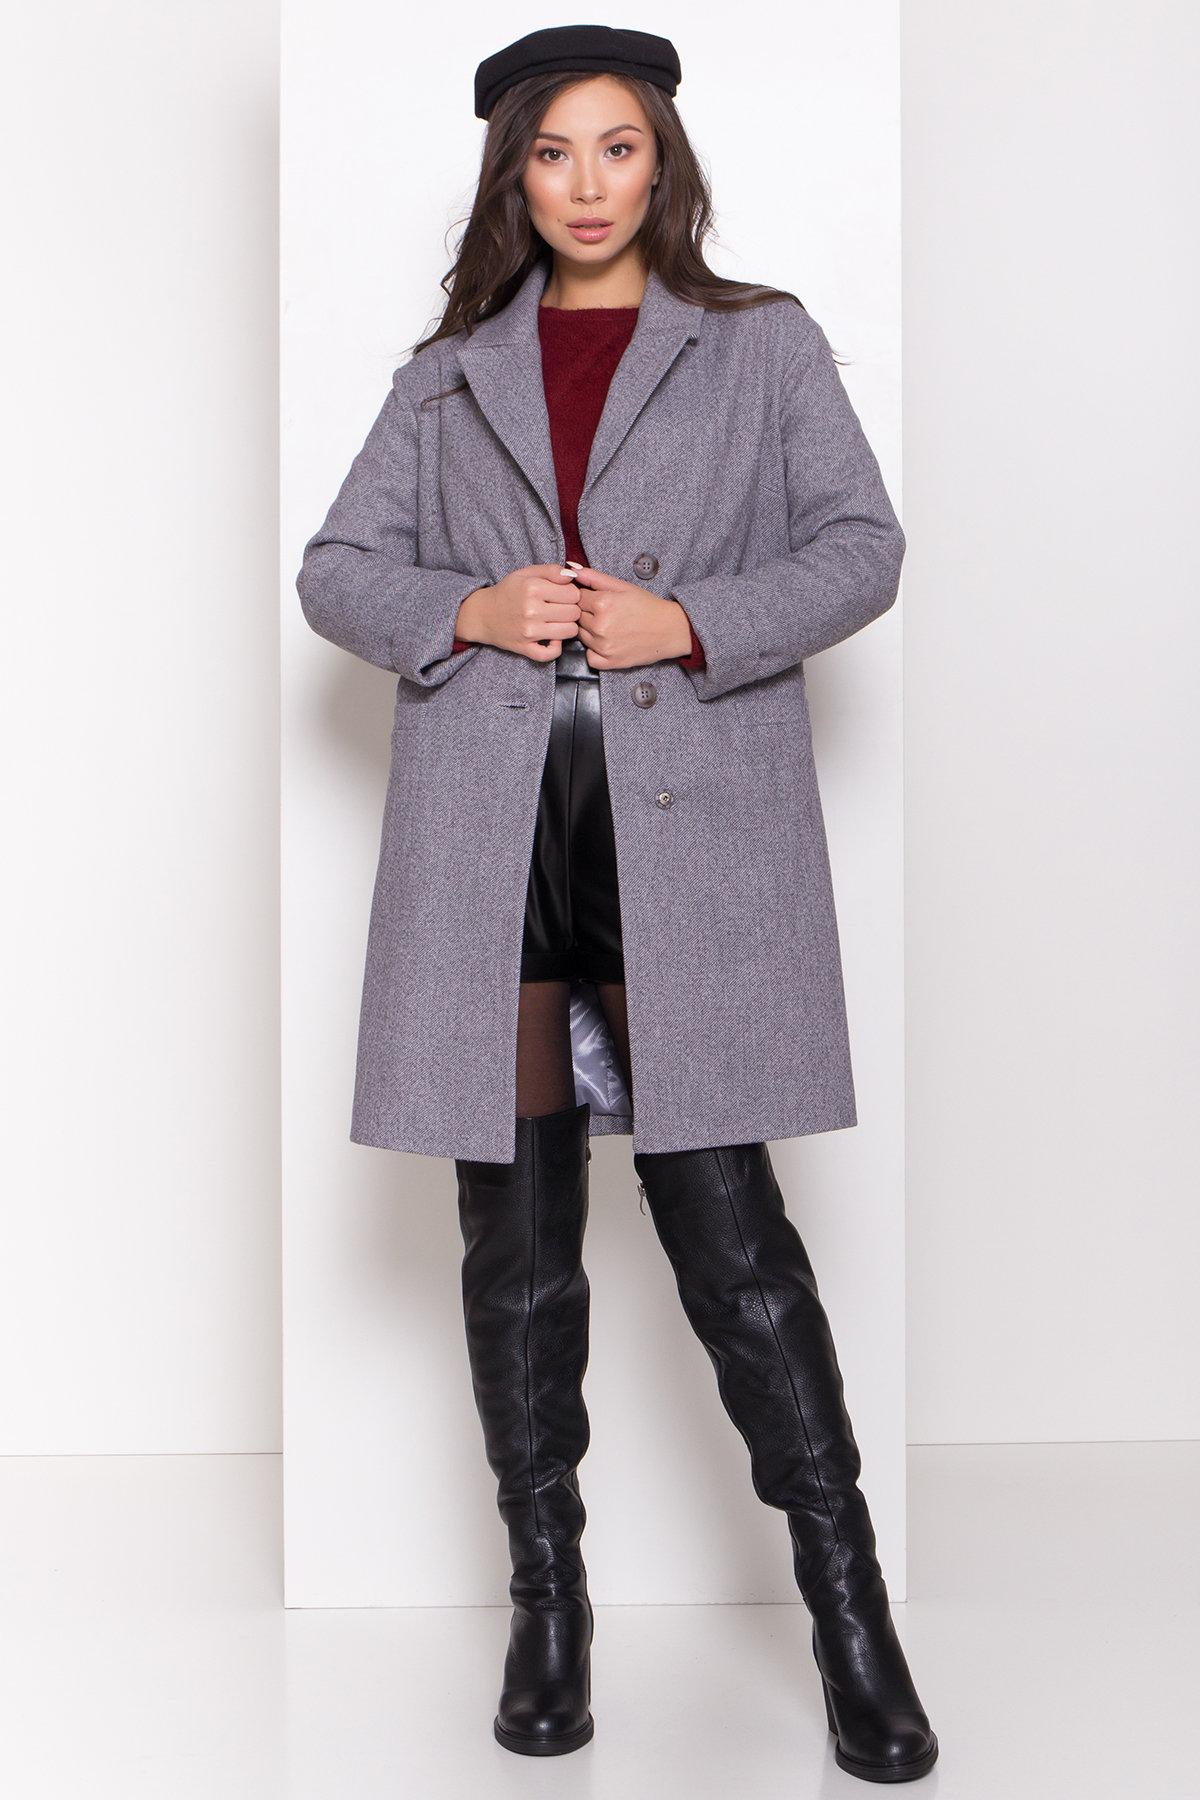 Зимнее утепленное пальто диагональ Вива 8243 АРТ. 44279 Цвет: Серый - фото 2, интернет магазин tm-modus.ru